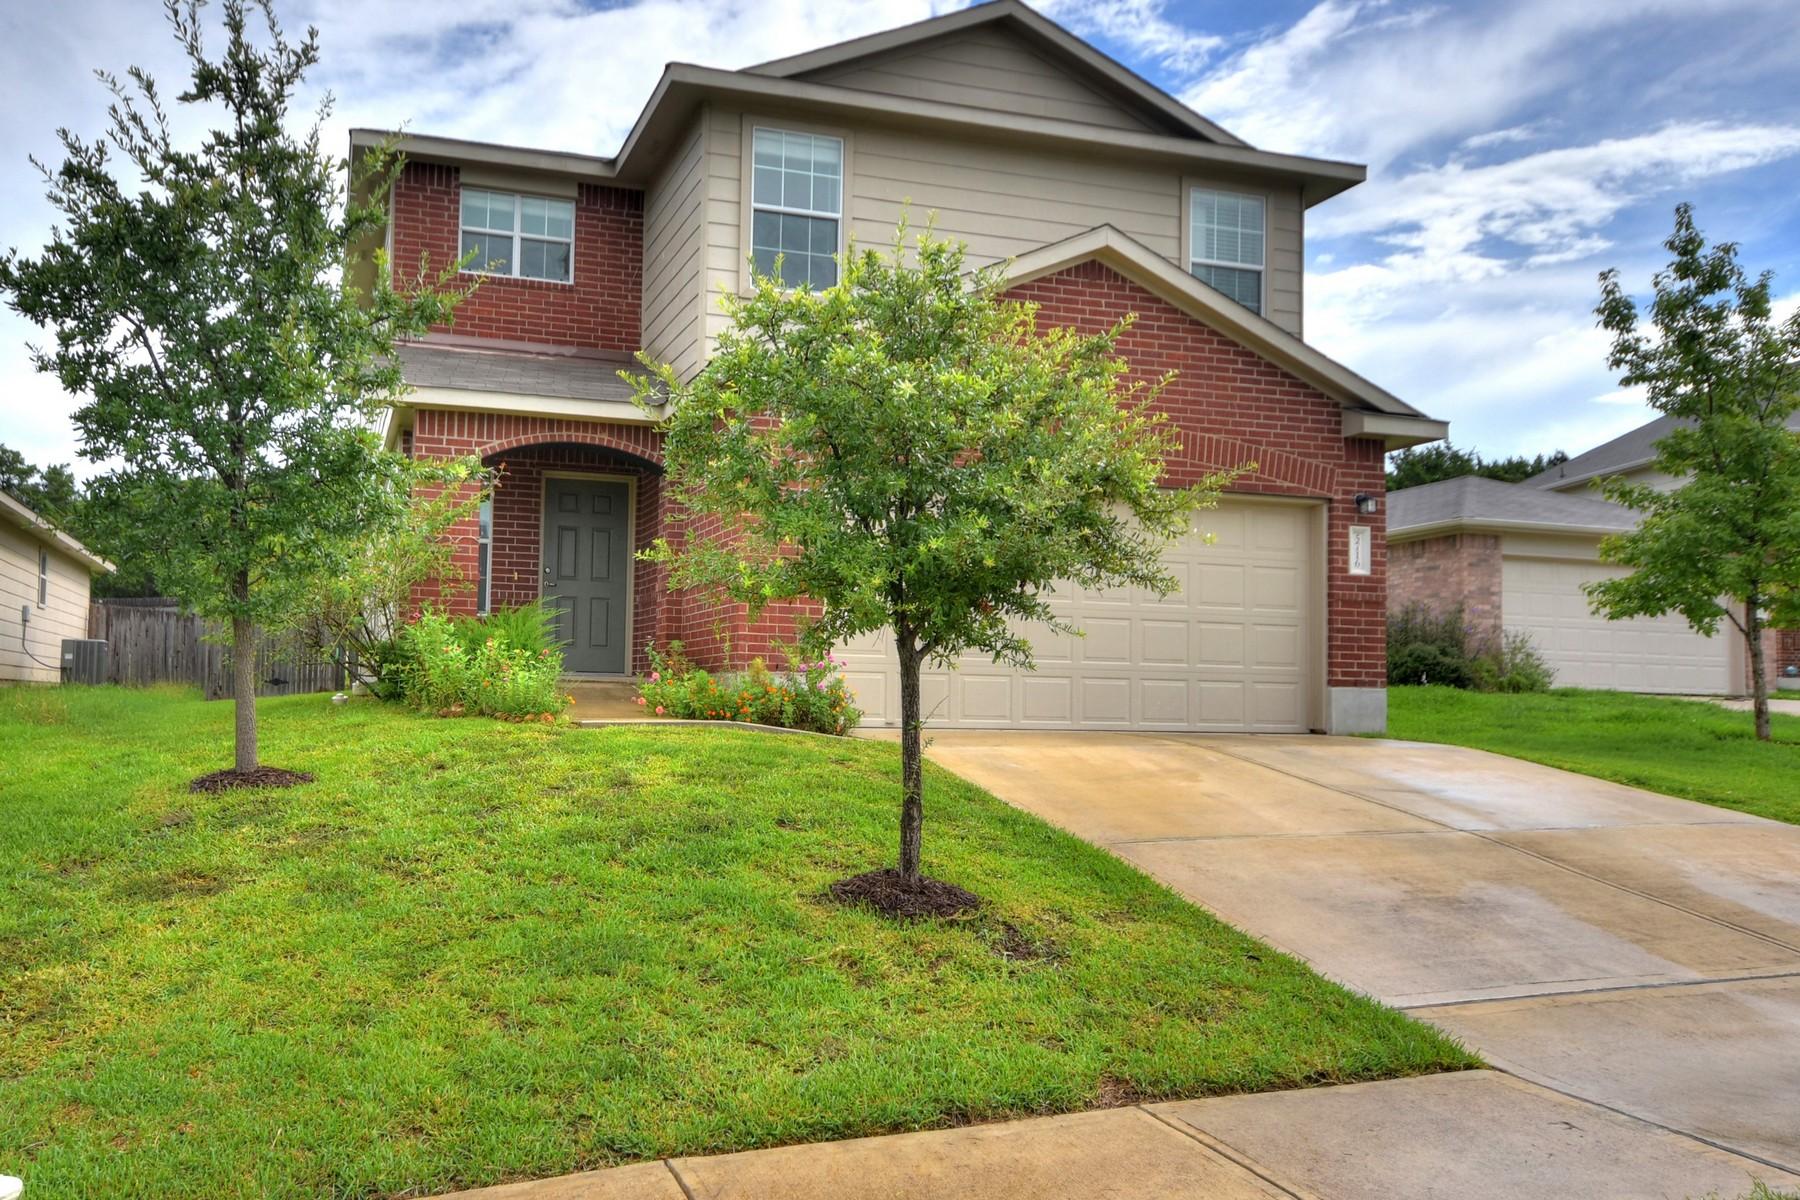 Casa Unifamiliar por un Venta en Affordable 2 Story Home with Convenient Location 5716 Elk Xing Austin, Texas 78724 Estados Unidos